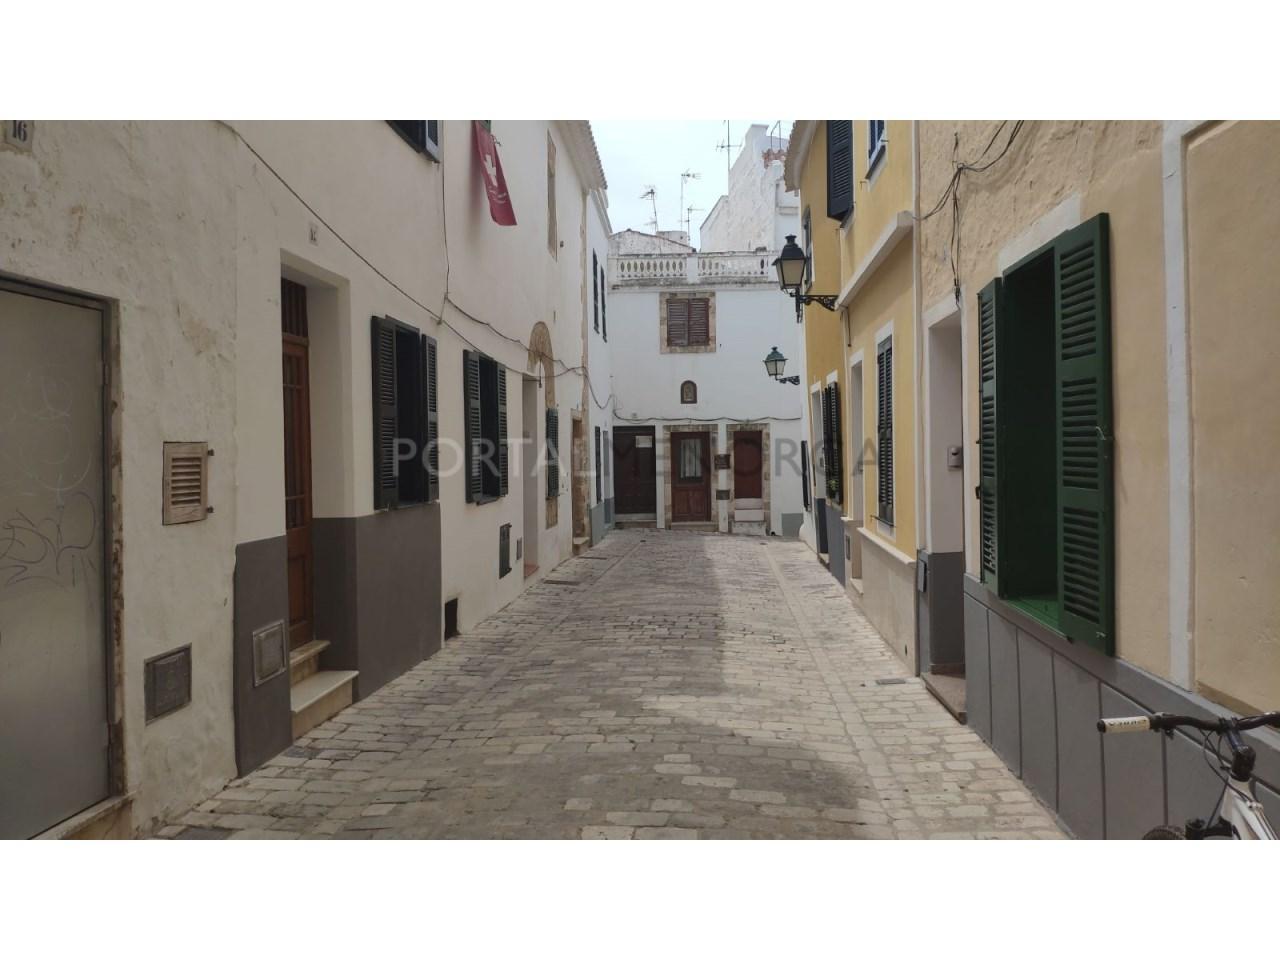 casa reformada en venta en Ciutadella de Menorca Fachada